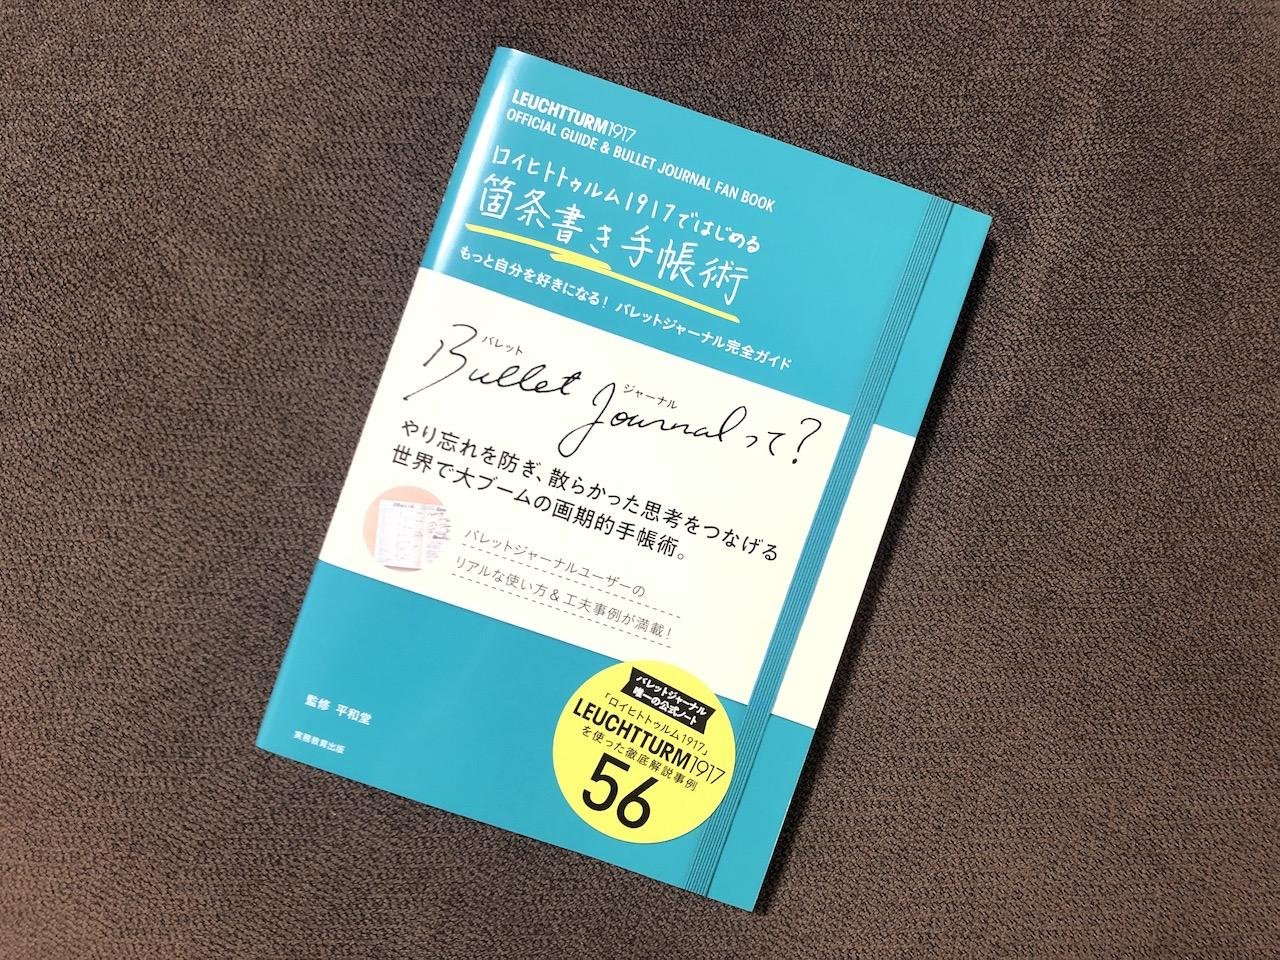 ロイヒトトゥルム1917ではじめる箇条書き手帳術